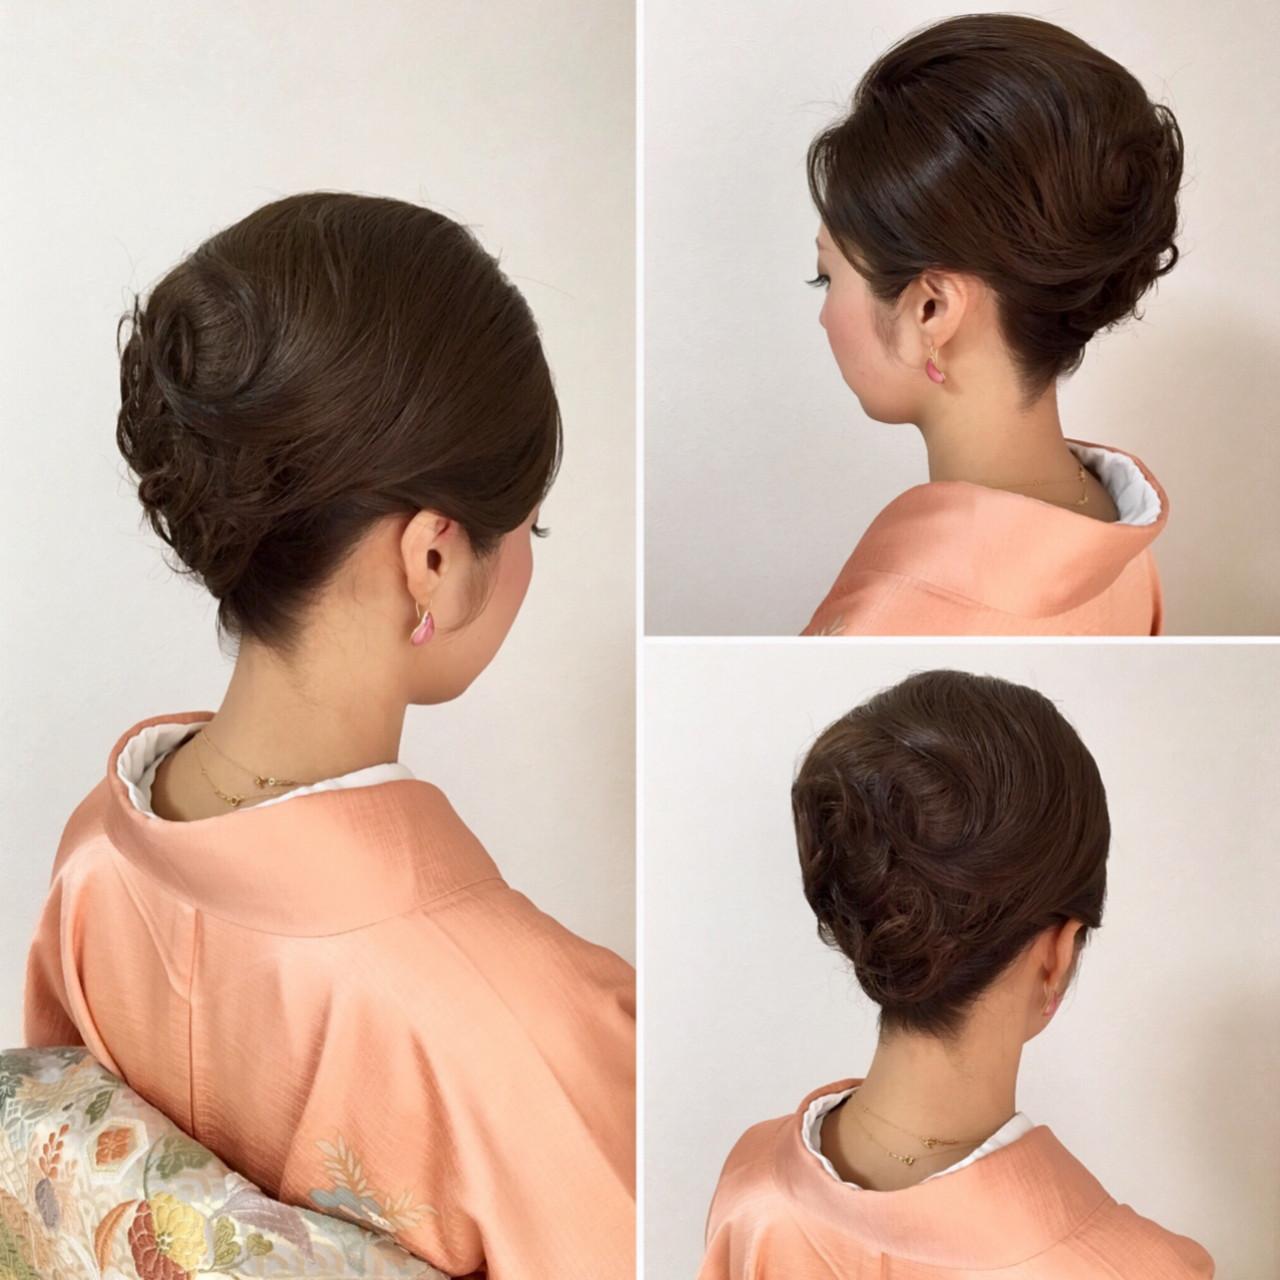 アップスタイル ヘアアレンジ エレガント 上品 ヘアスタイルや髪型の写真・画像